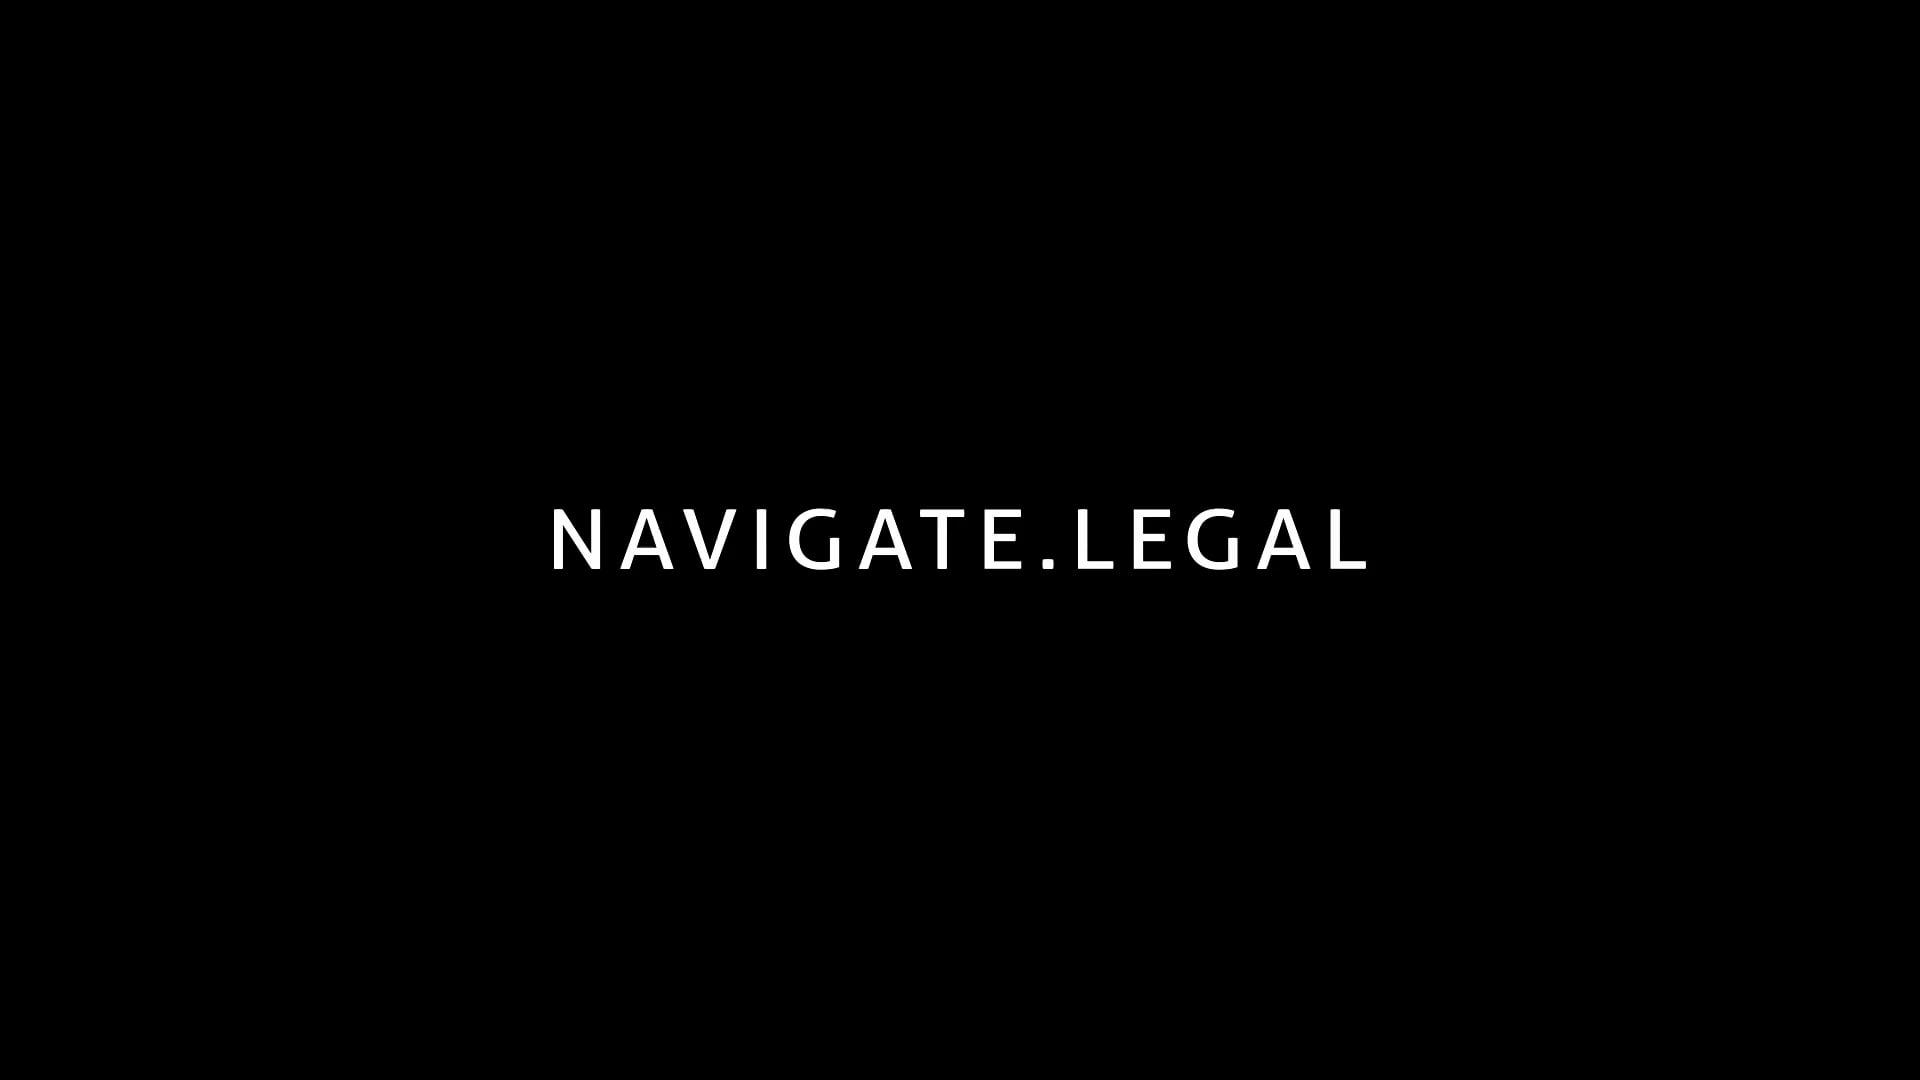 Navigate.Legal